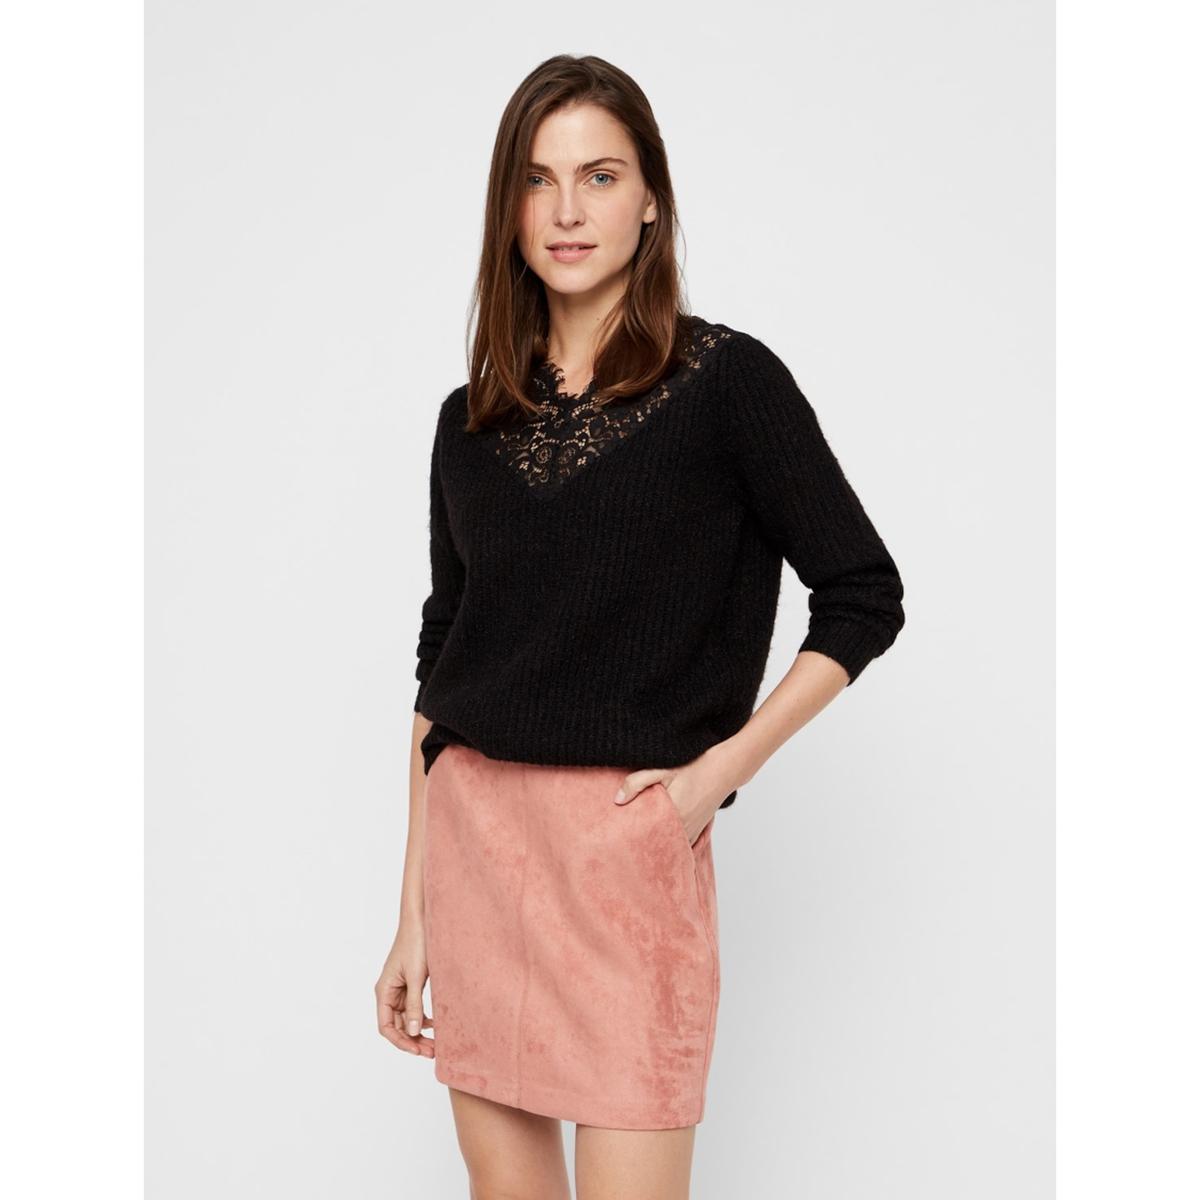 Пуловер La Redoute С V-образным вырезом с кружевом XS черный комбинезон la redoute с брюками с v образным вырезом и отделкой кружевом l черный